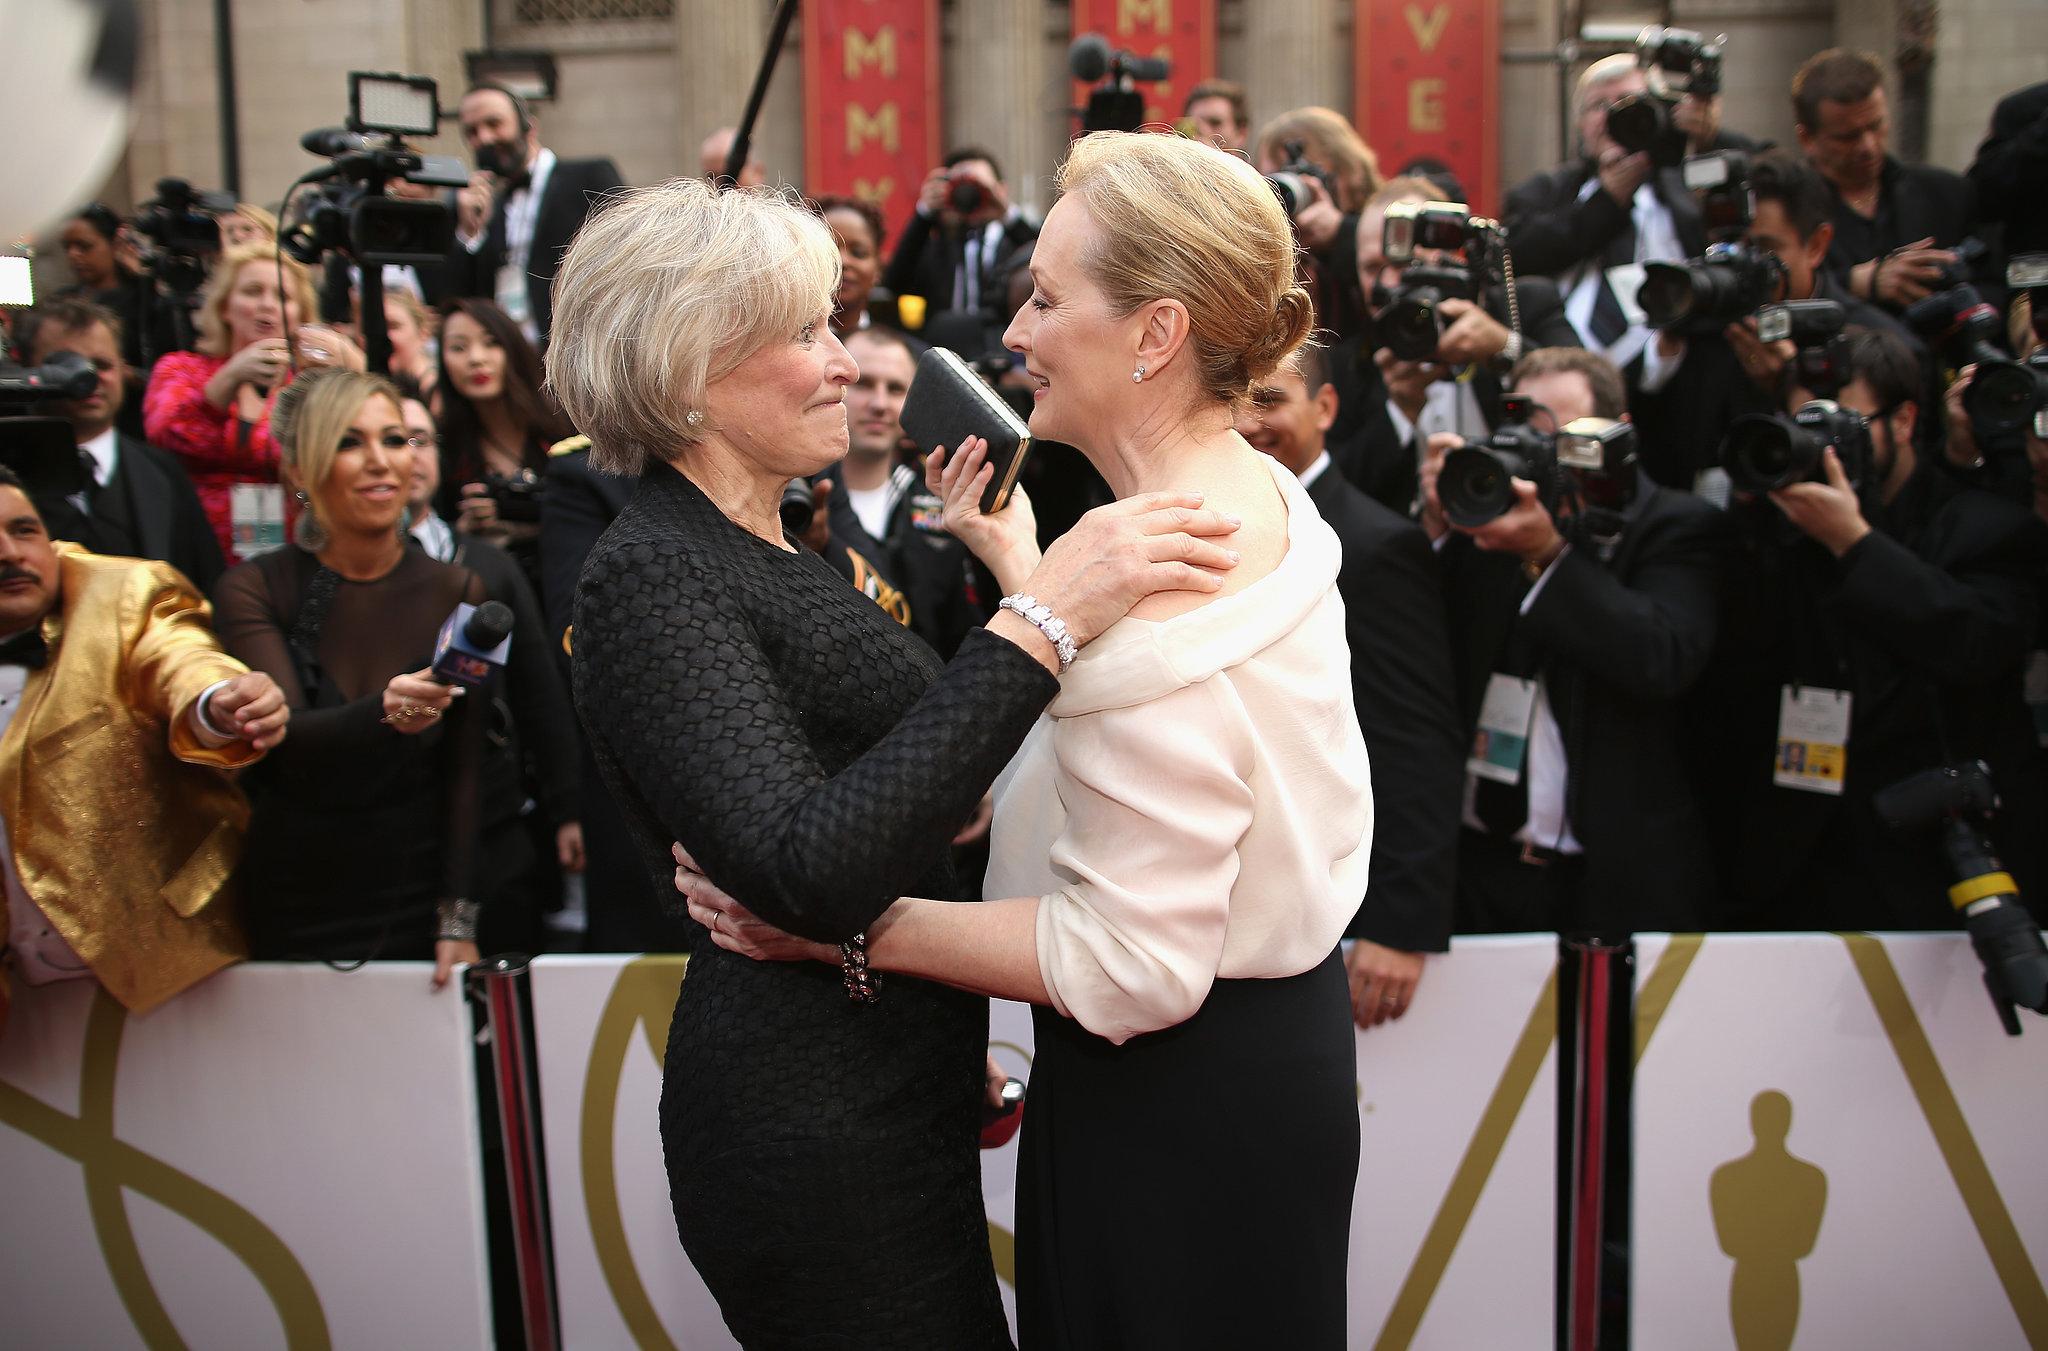 Glenn Close with Meryl Streep at the 2014 Oscars.